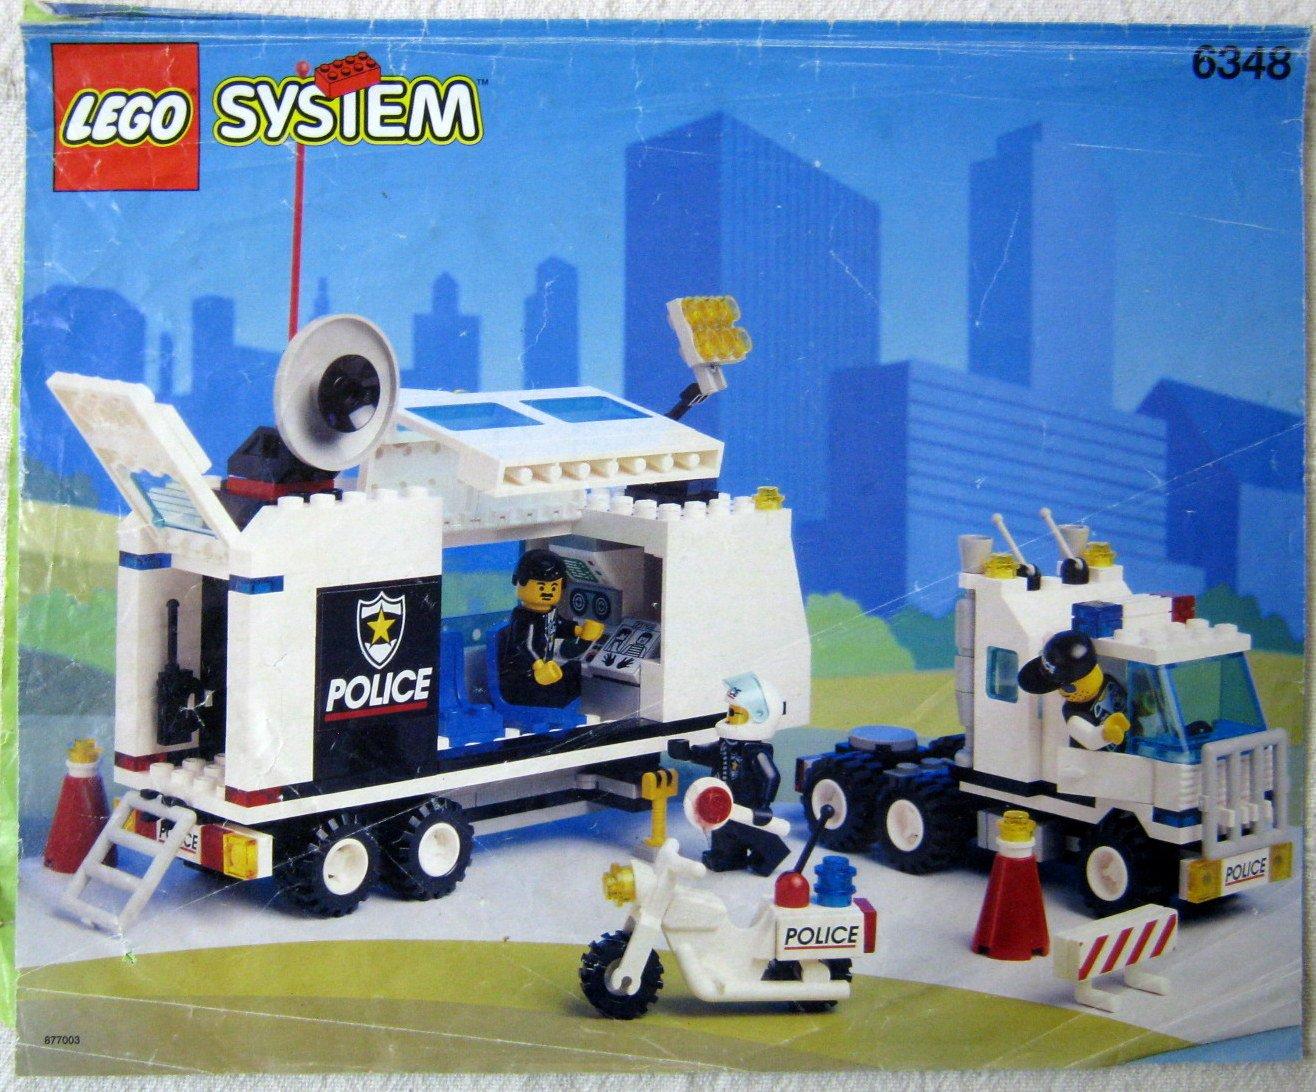 lego bauanleitung bauplan 6348 mobile polizei einsatzzentrale buch gebraucht kaufen. Black Bedroom Furniture Sets. Home Design Ideas